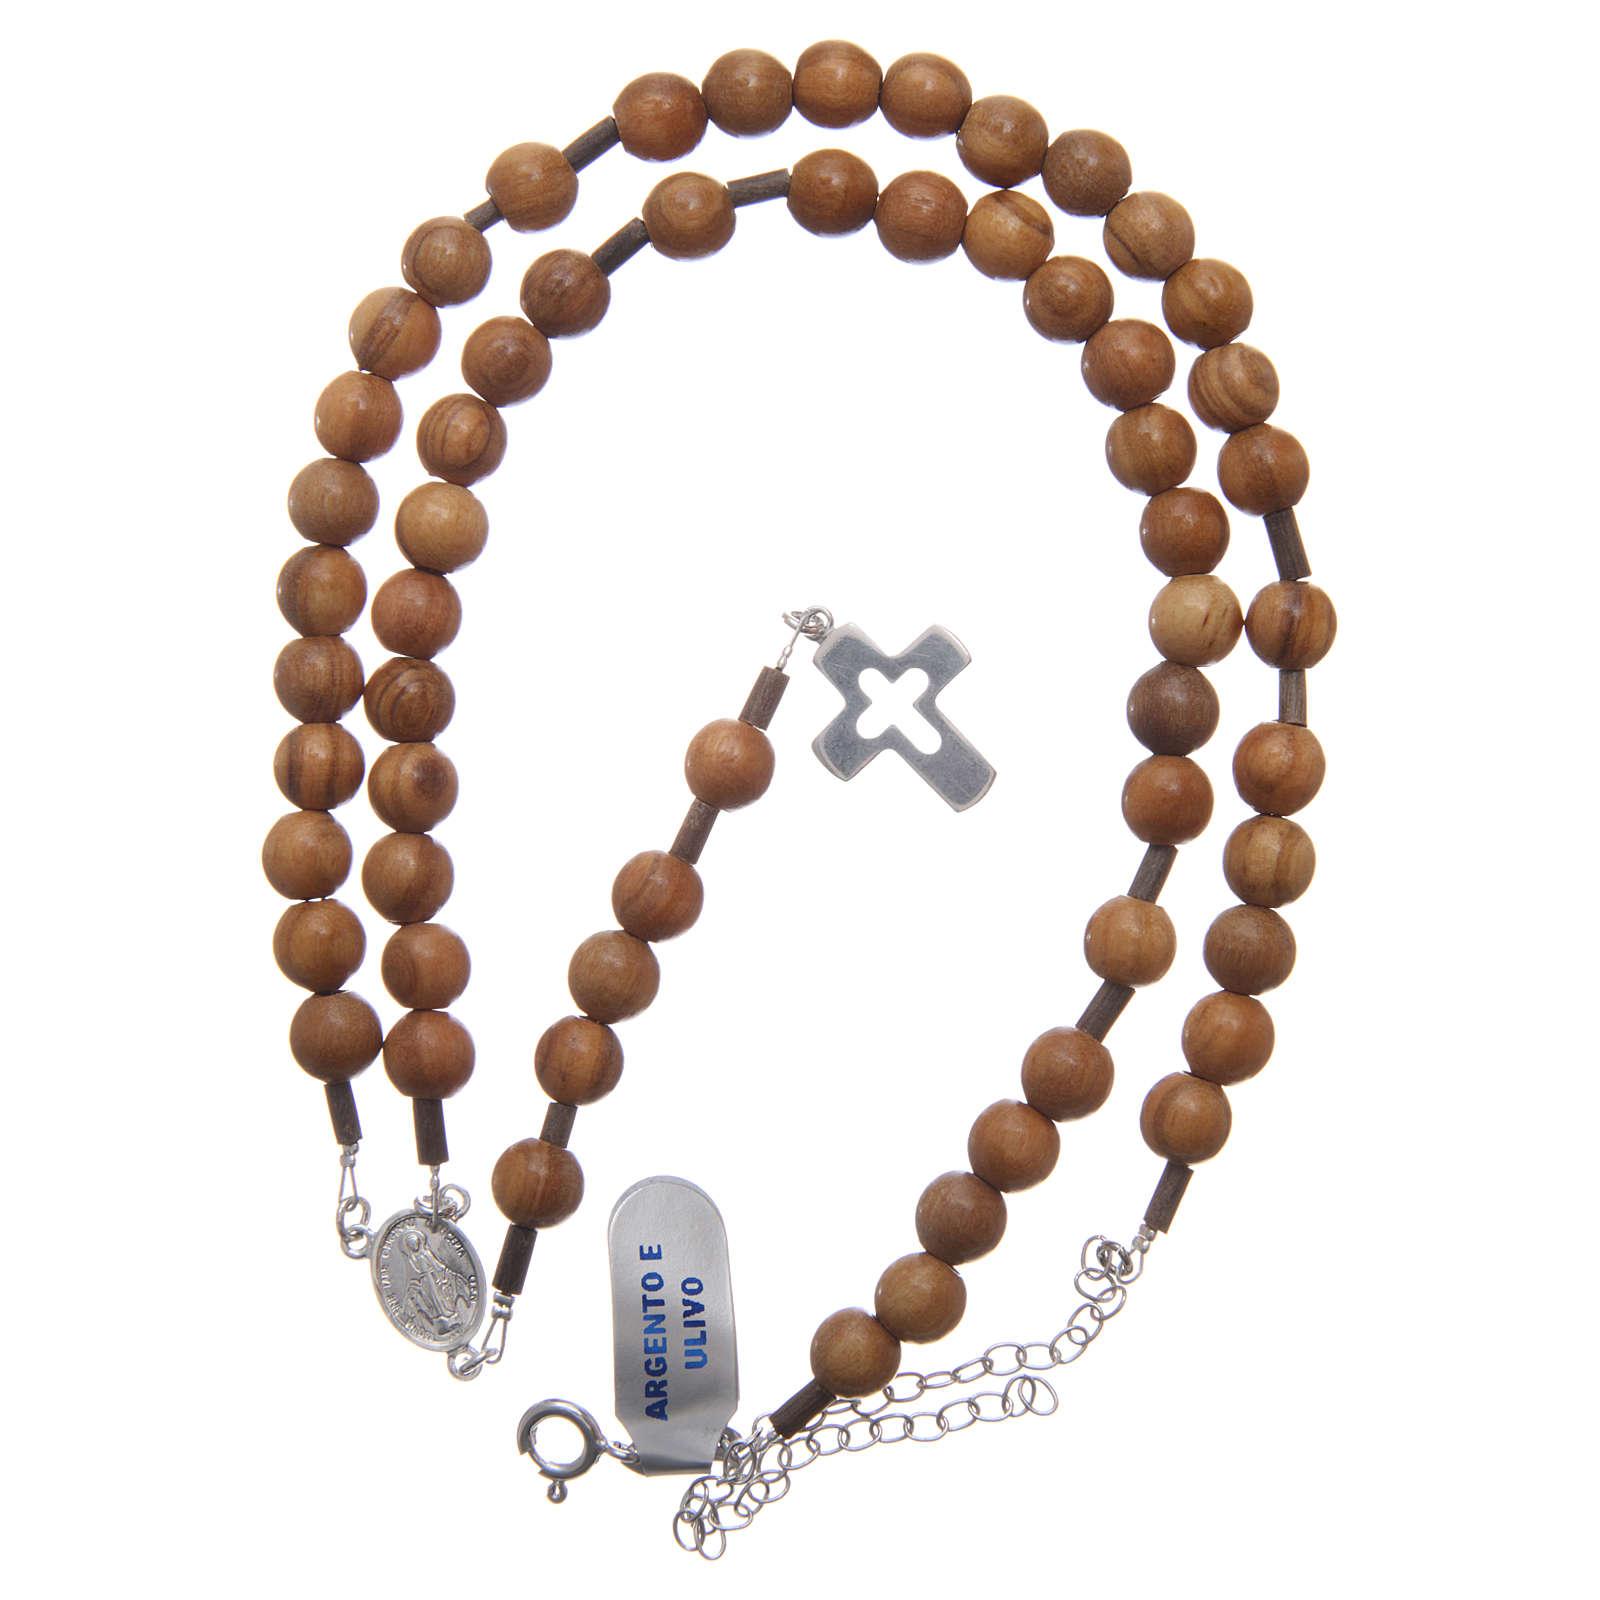 Rosario hombre olivo cruz plata 925 cable con cadena 4